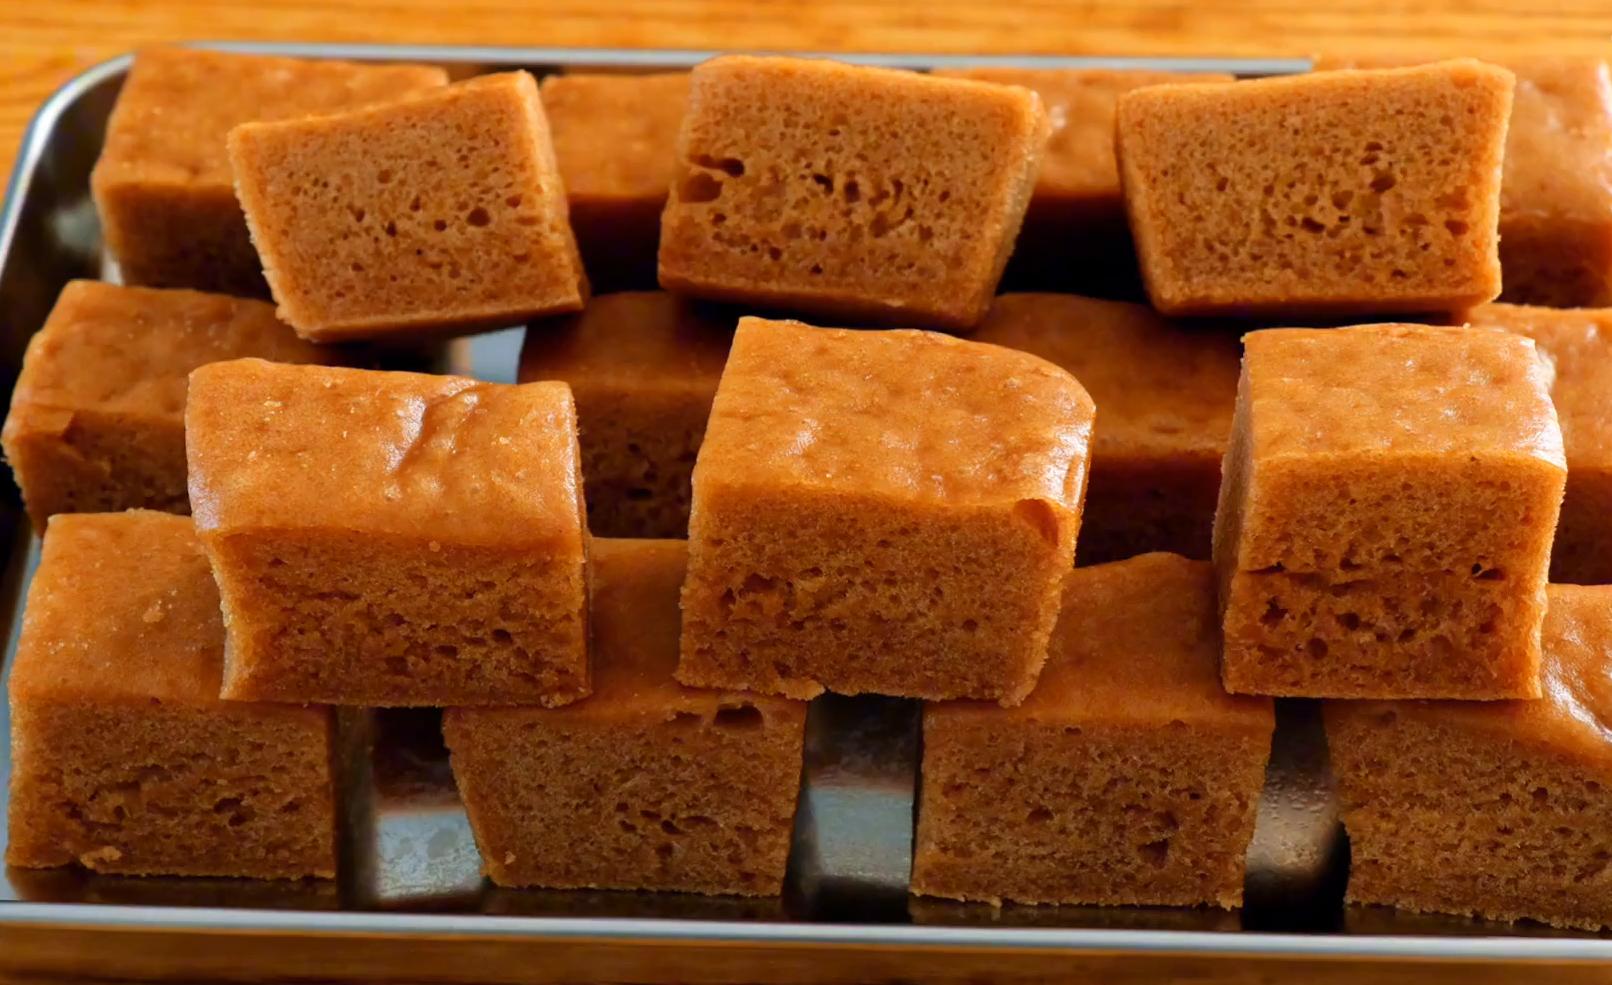 红糖马拉糕:广式风味配方,做法详细简单,软糯Q弹,比面包好吃